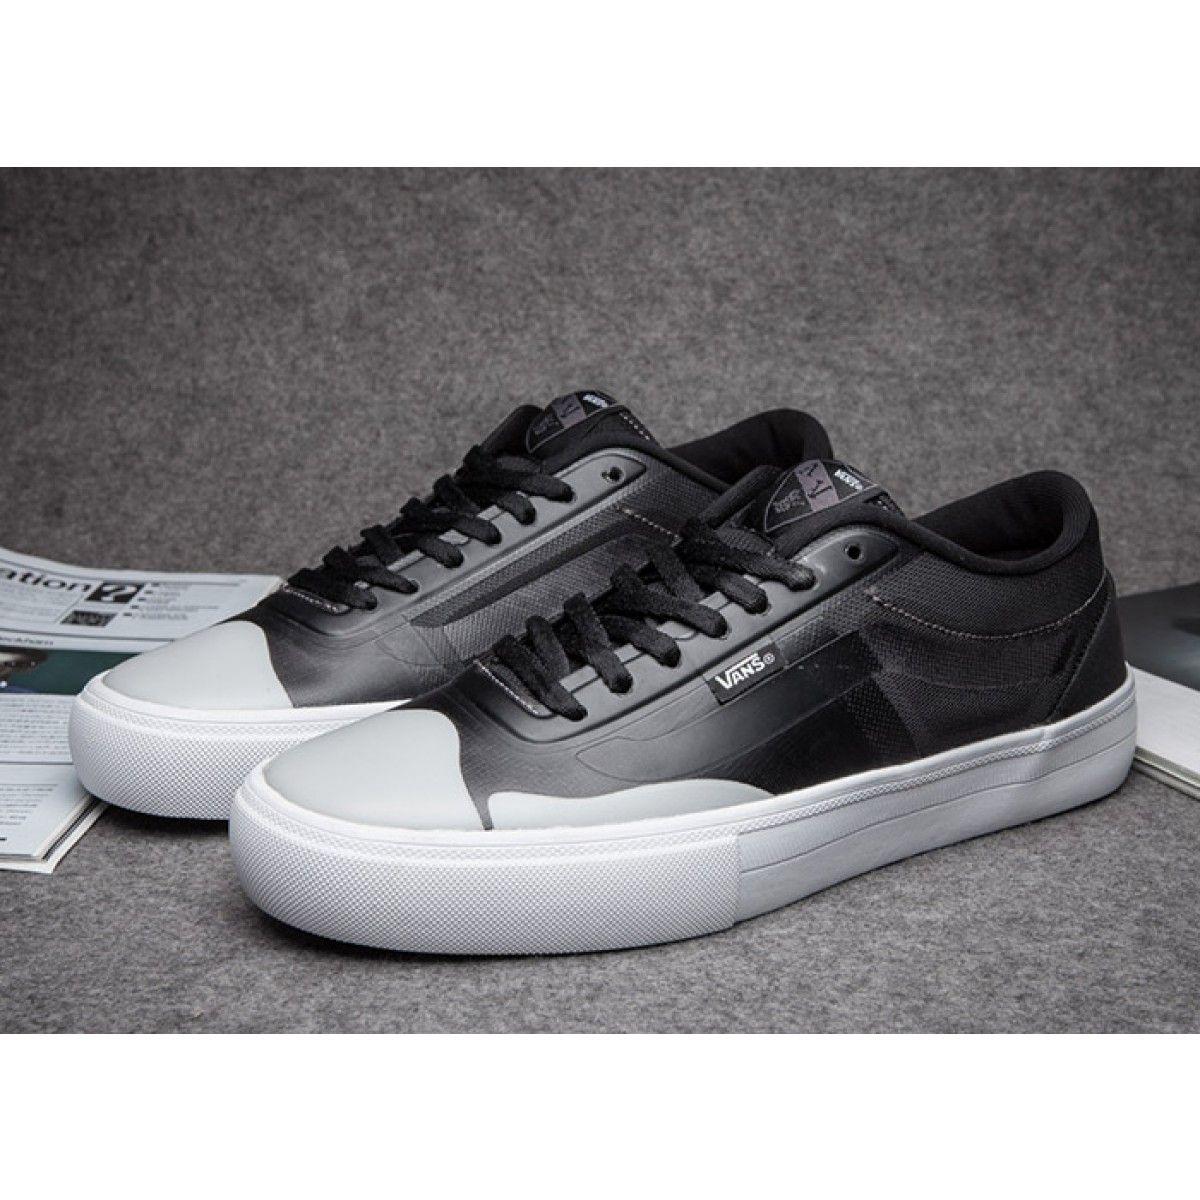 9a177d63d6 Vans AV Rapidweld Pro Lite Black White Leather Skate Shoes  Vans ...